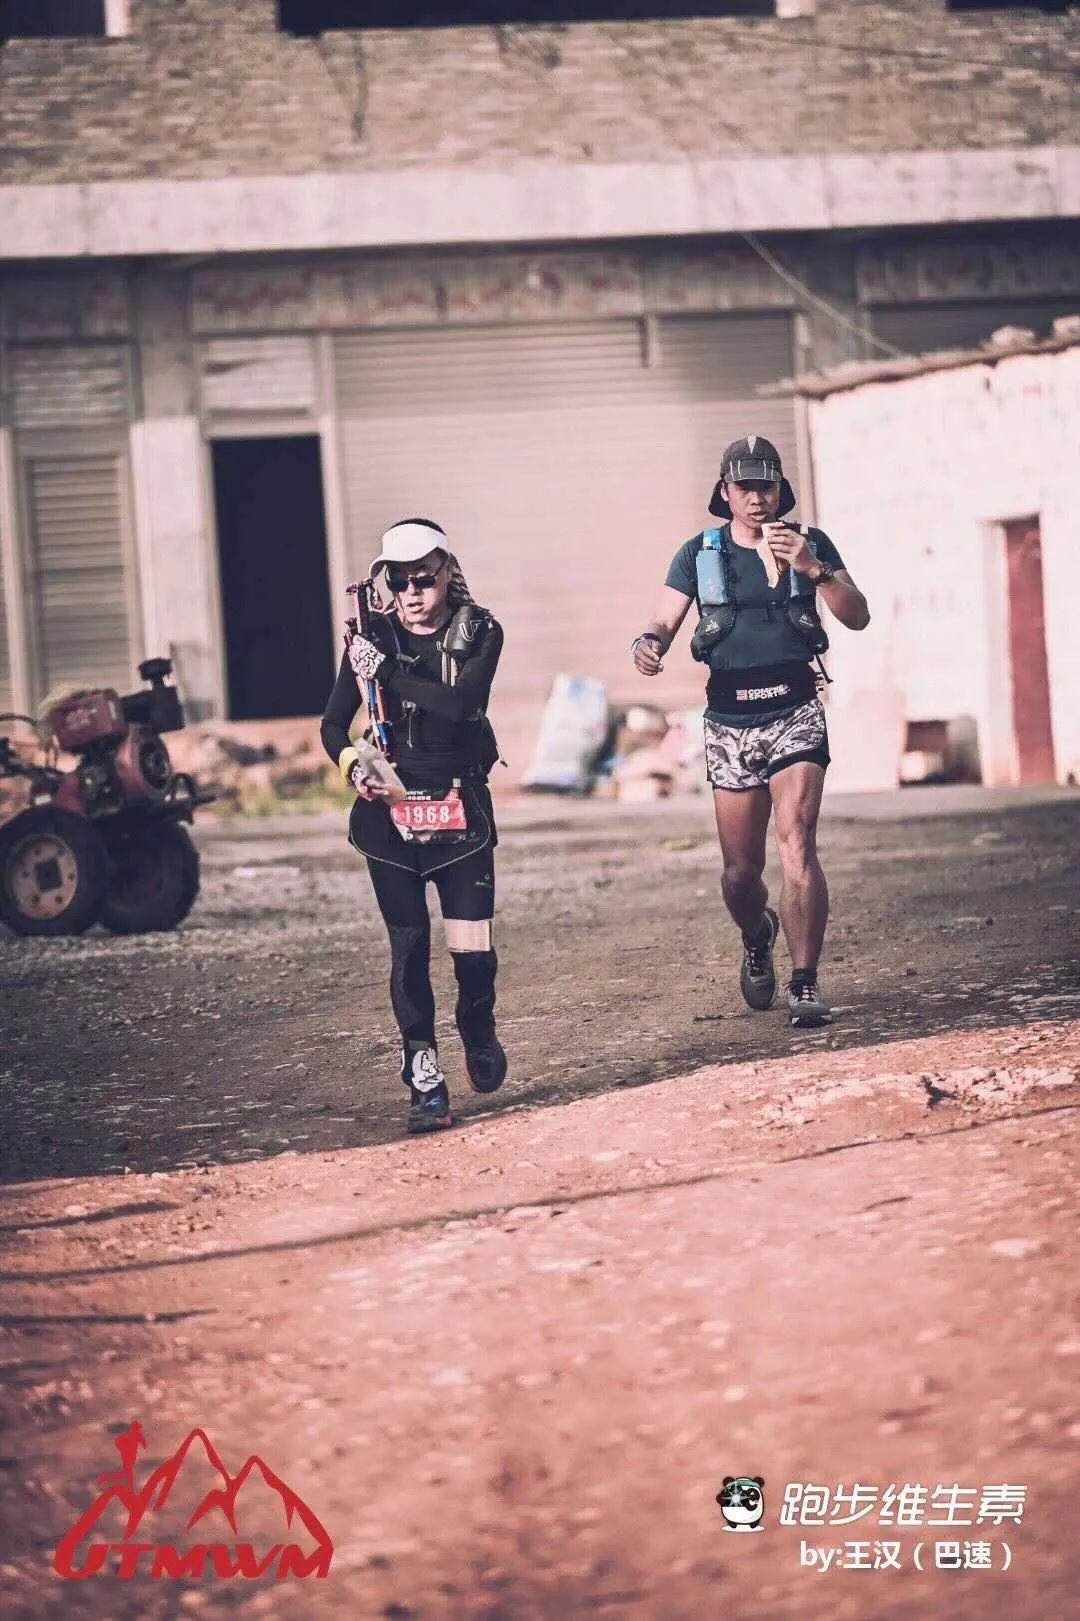 图片来源:乌蒙山超级越野赛官方。